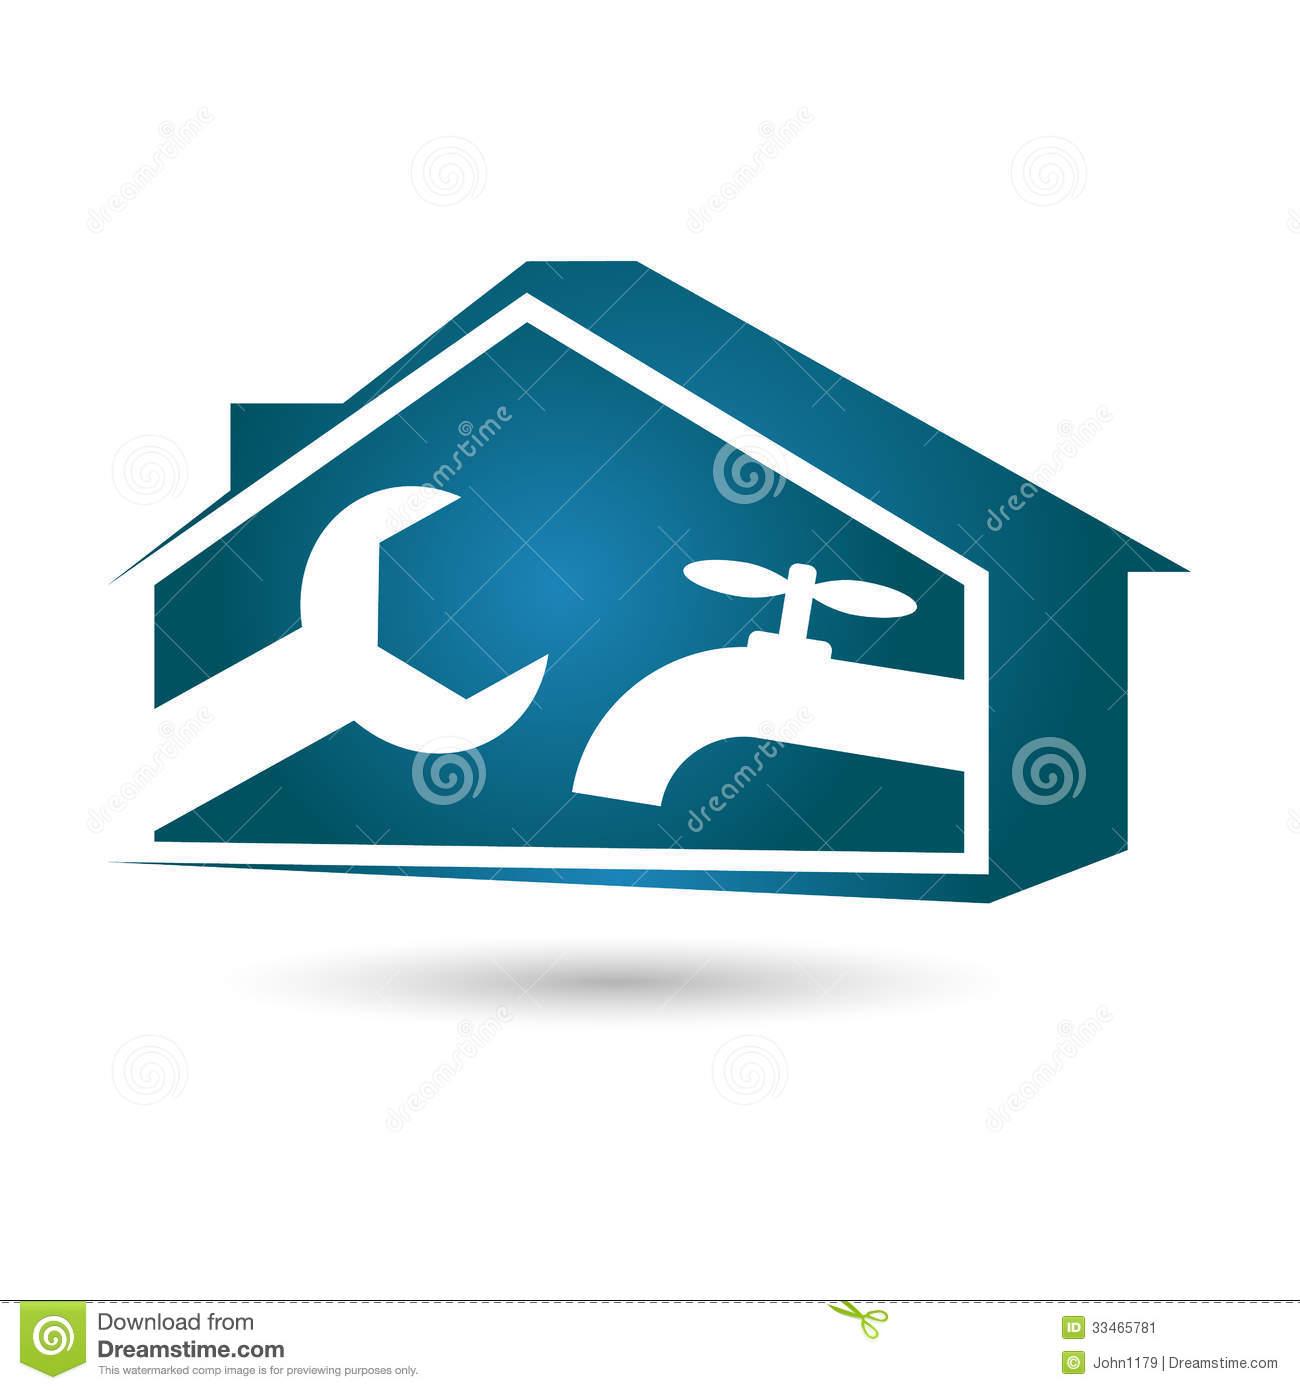 Plumbing logo clipart freeuse library Repair Plumbing Stock Image - Image: 33465781 freeuse library